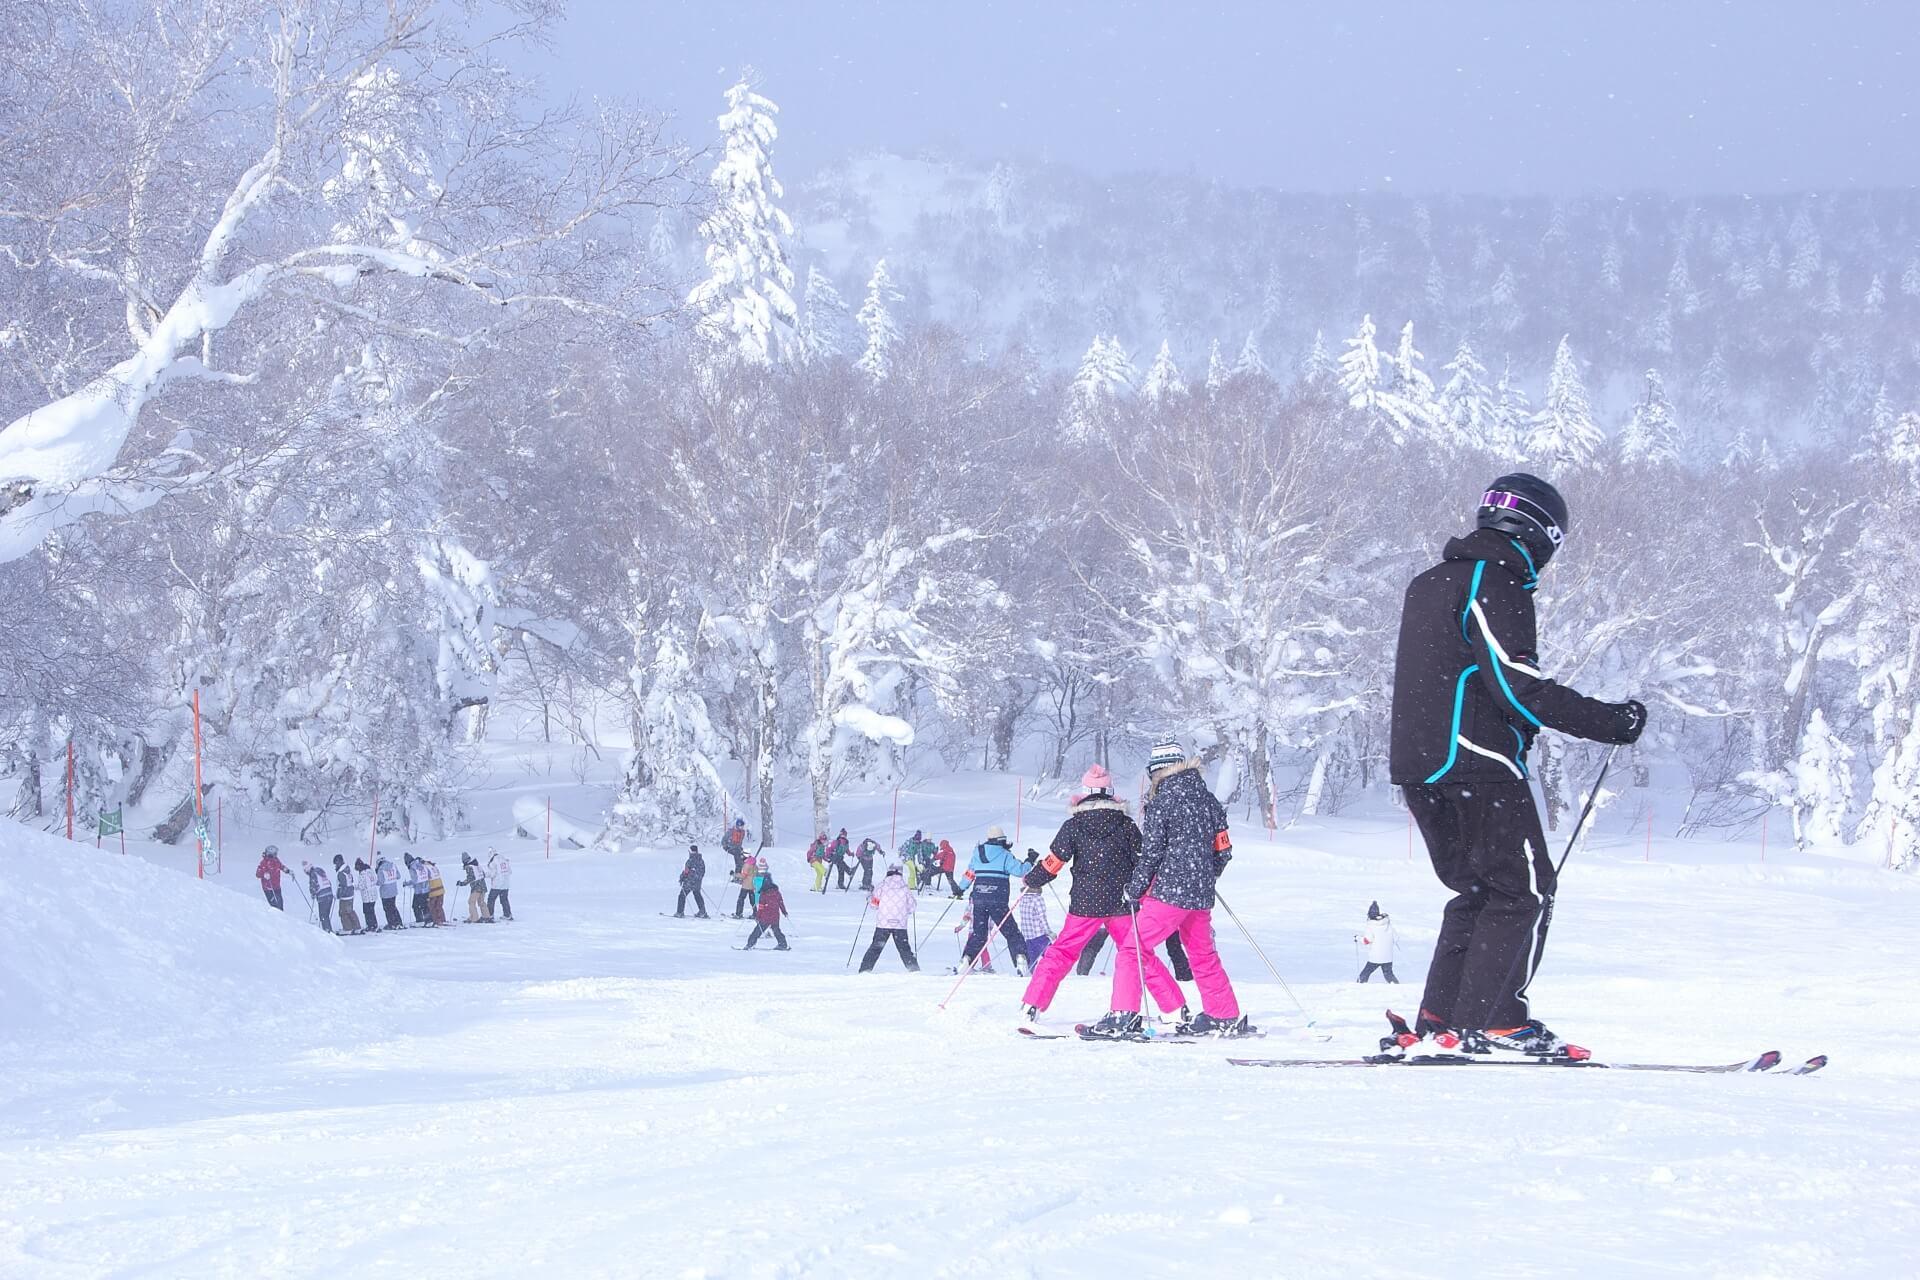 スキーはオシャレに!機能性だけでなくオシャレな服装をチョイス!